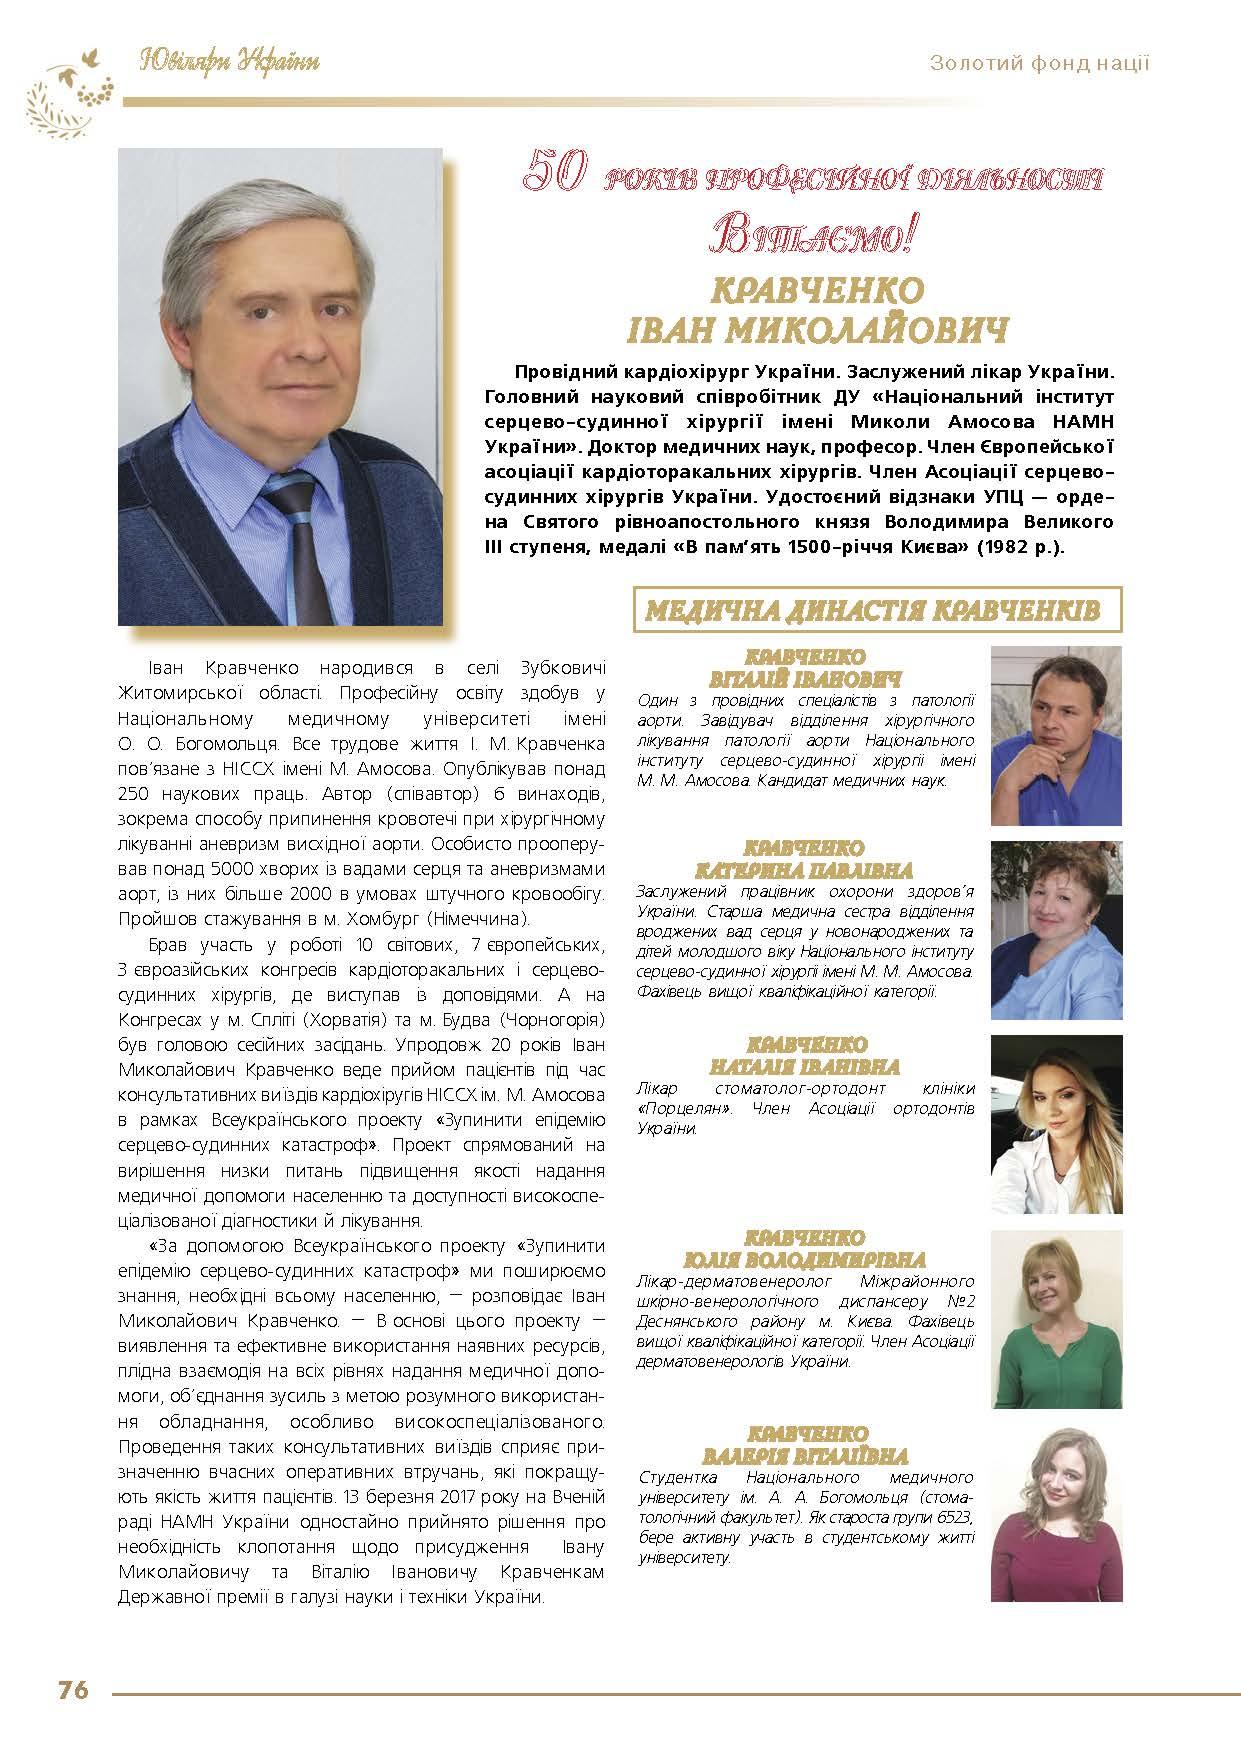 Кравченко Іван Миколайович